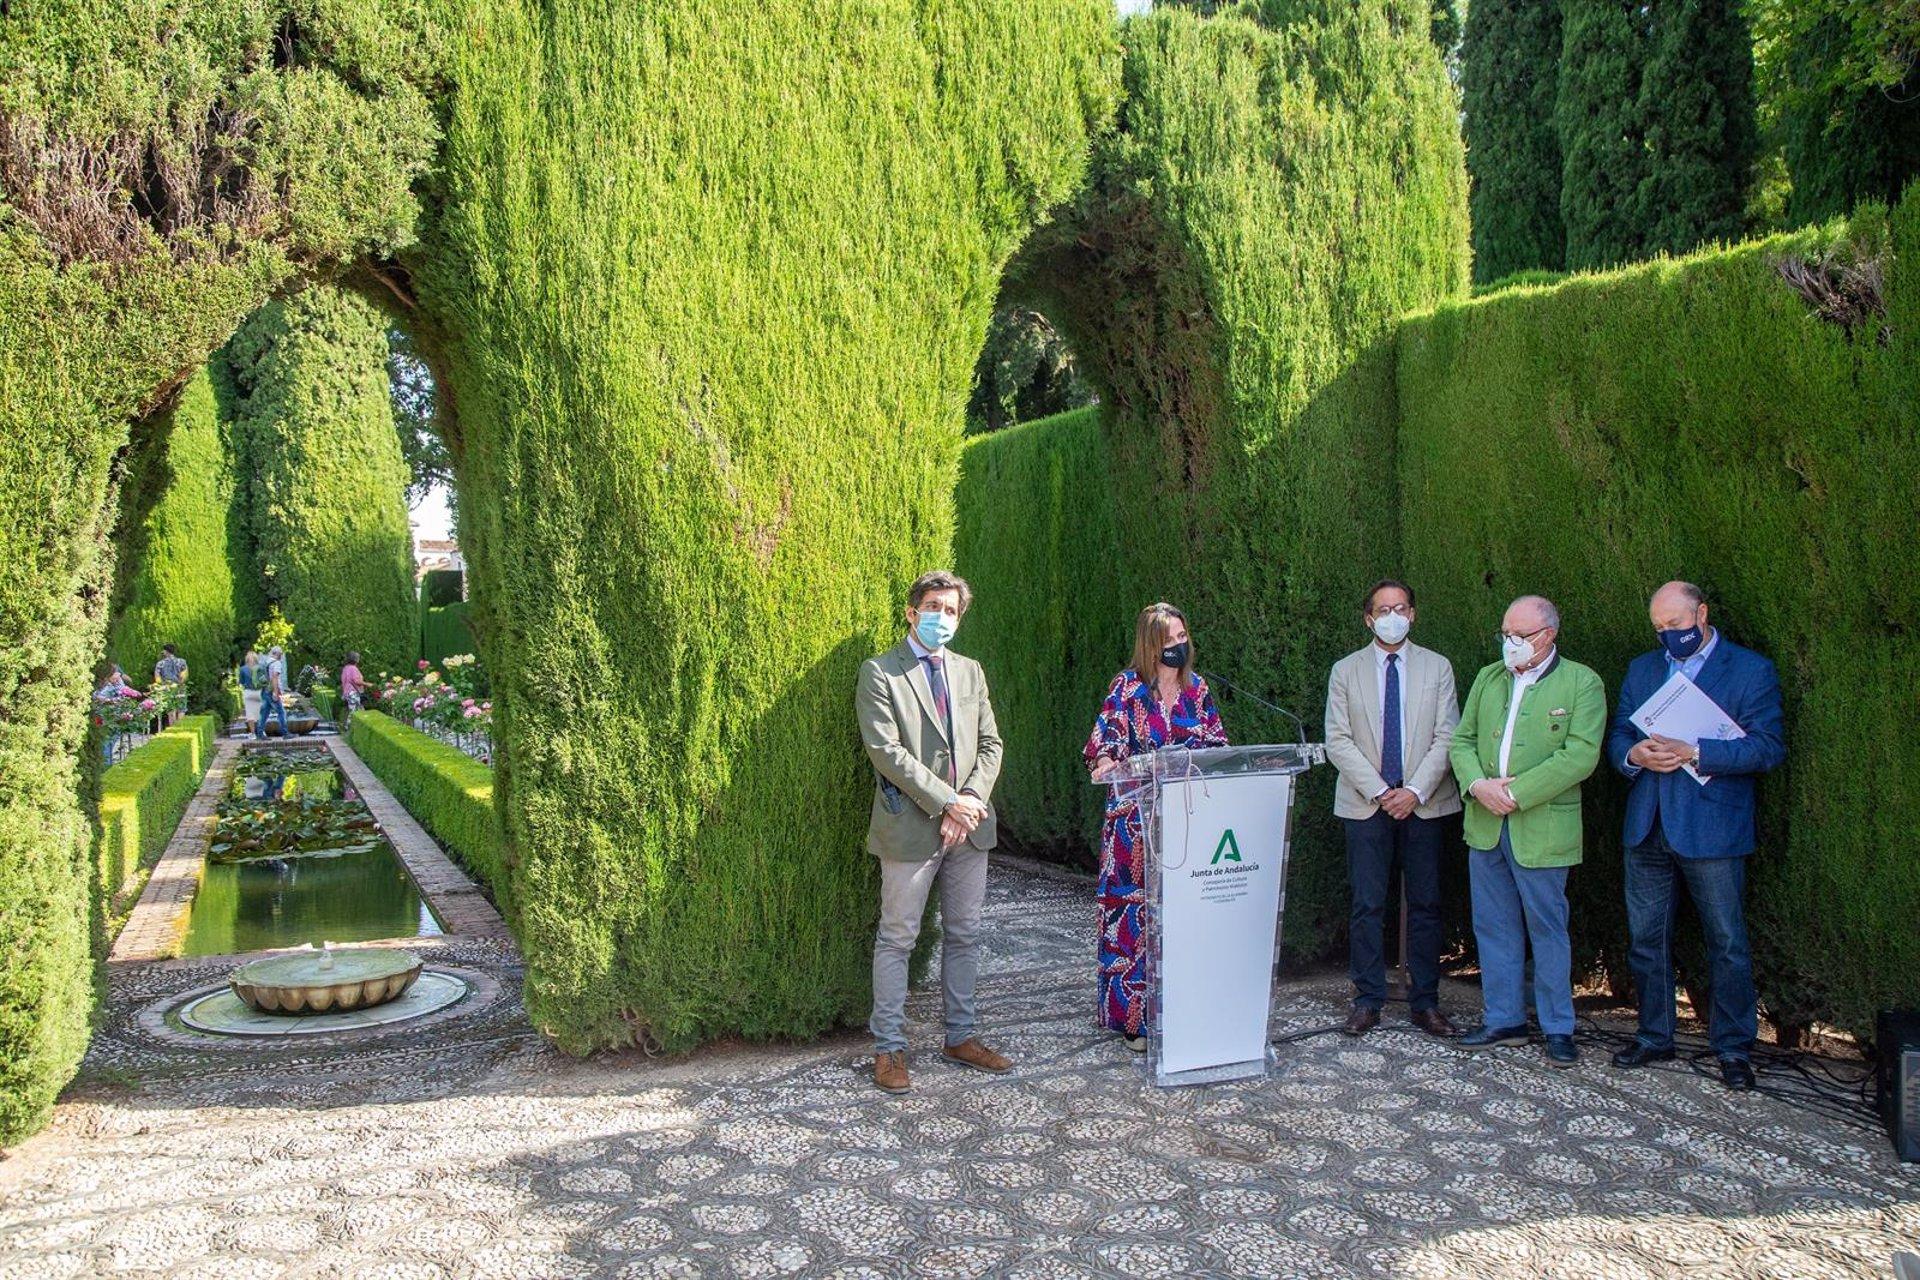 La Alhambra apoya a artistas y promotores con un programa musical para septiembre en el Generalife